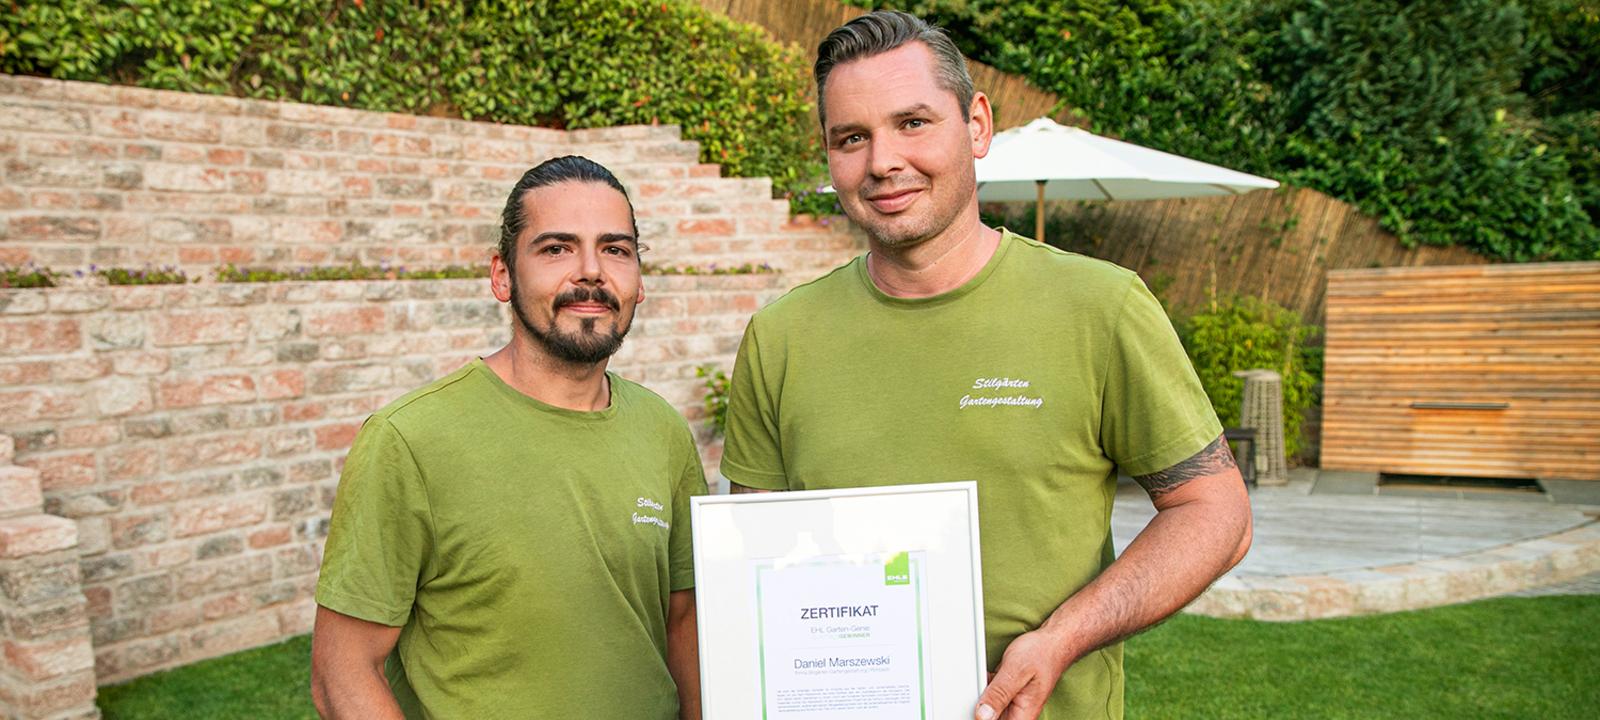 Daniel Marszewski und sein Mitarbeiter von Stilgärten Gartengestaltung